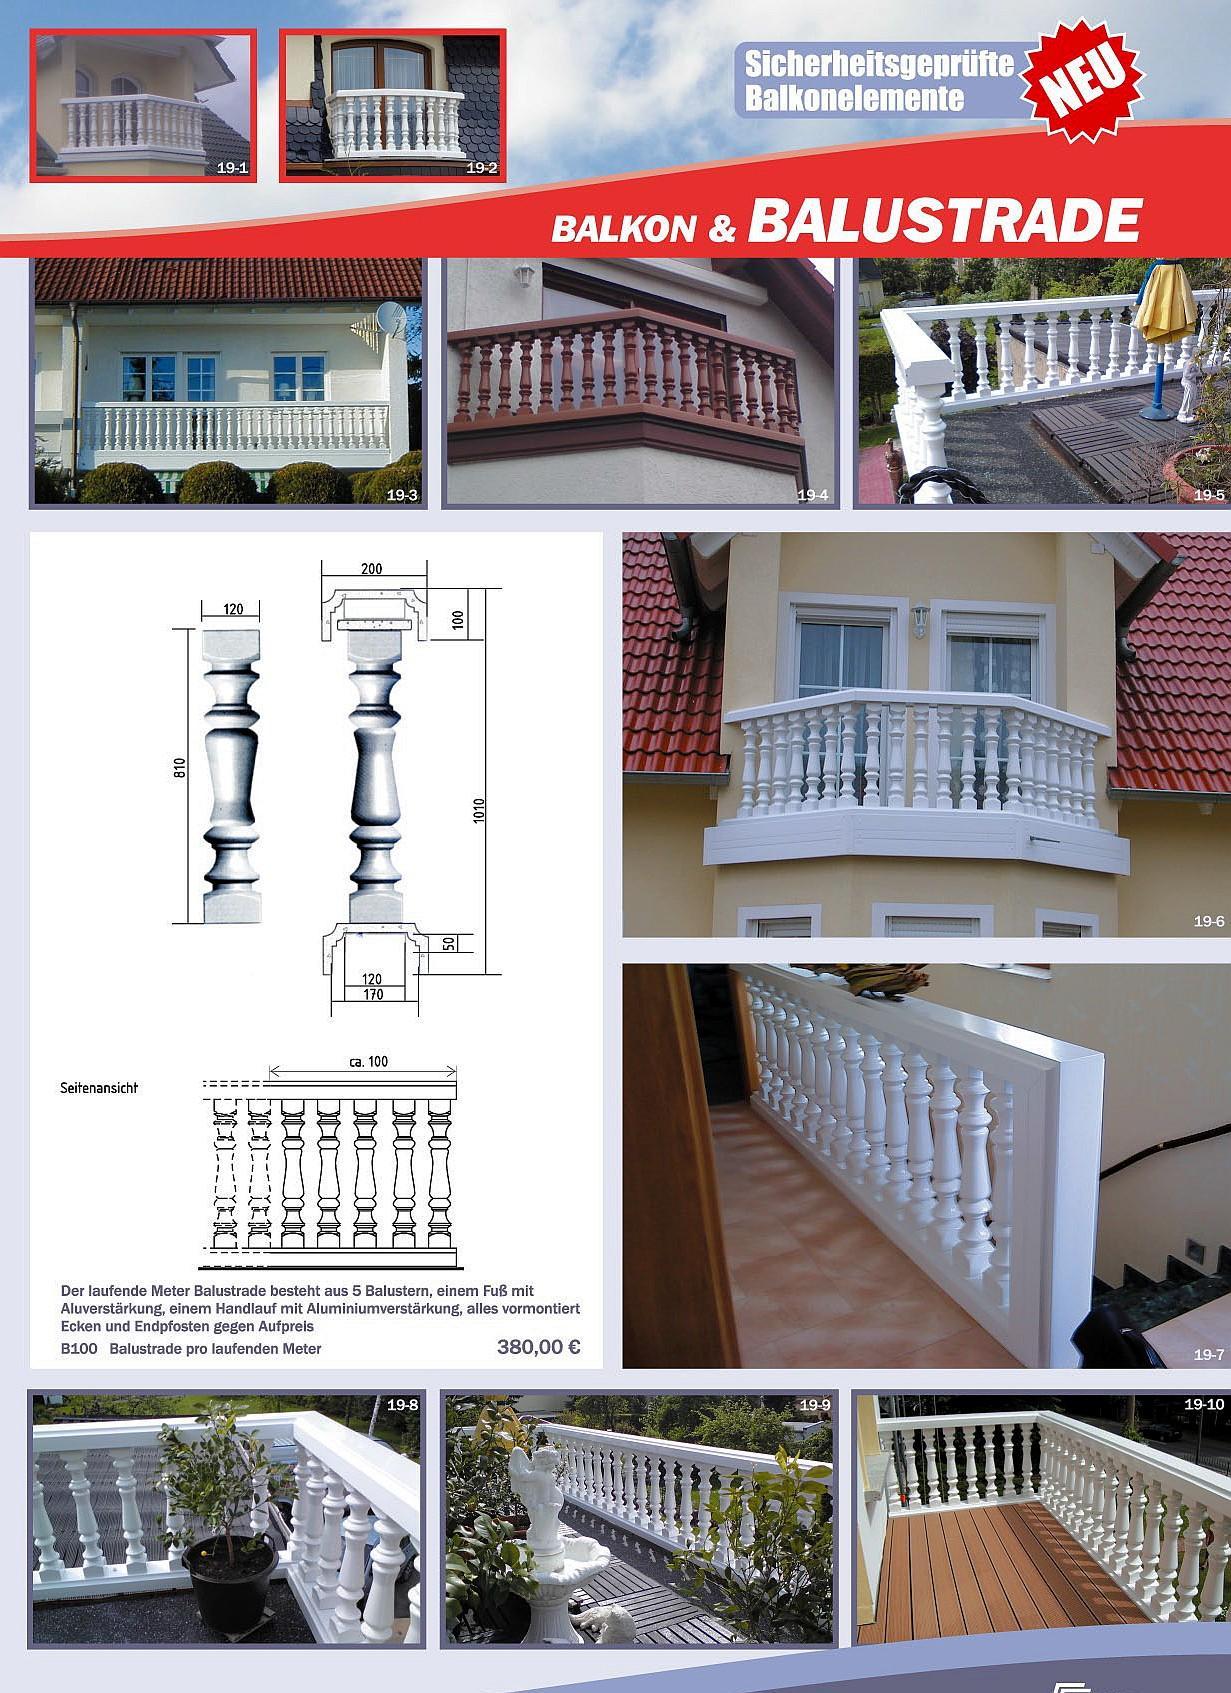 die leichte kunststoff balustrade f r den balkon. Black Bedroom Furniture Sets. Home Design Ideas